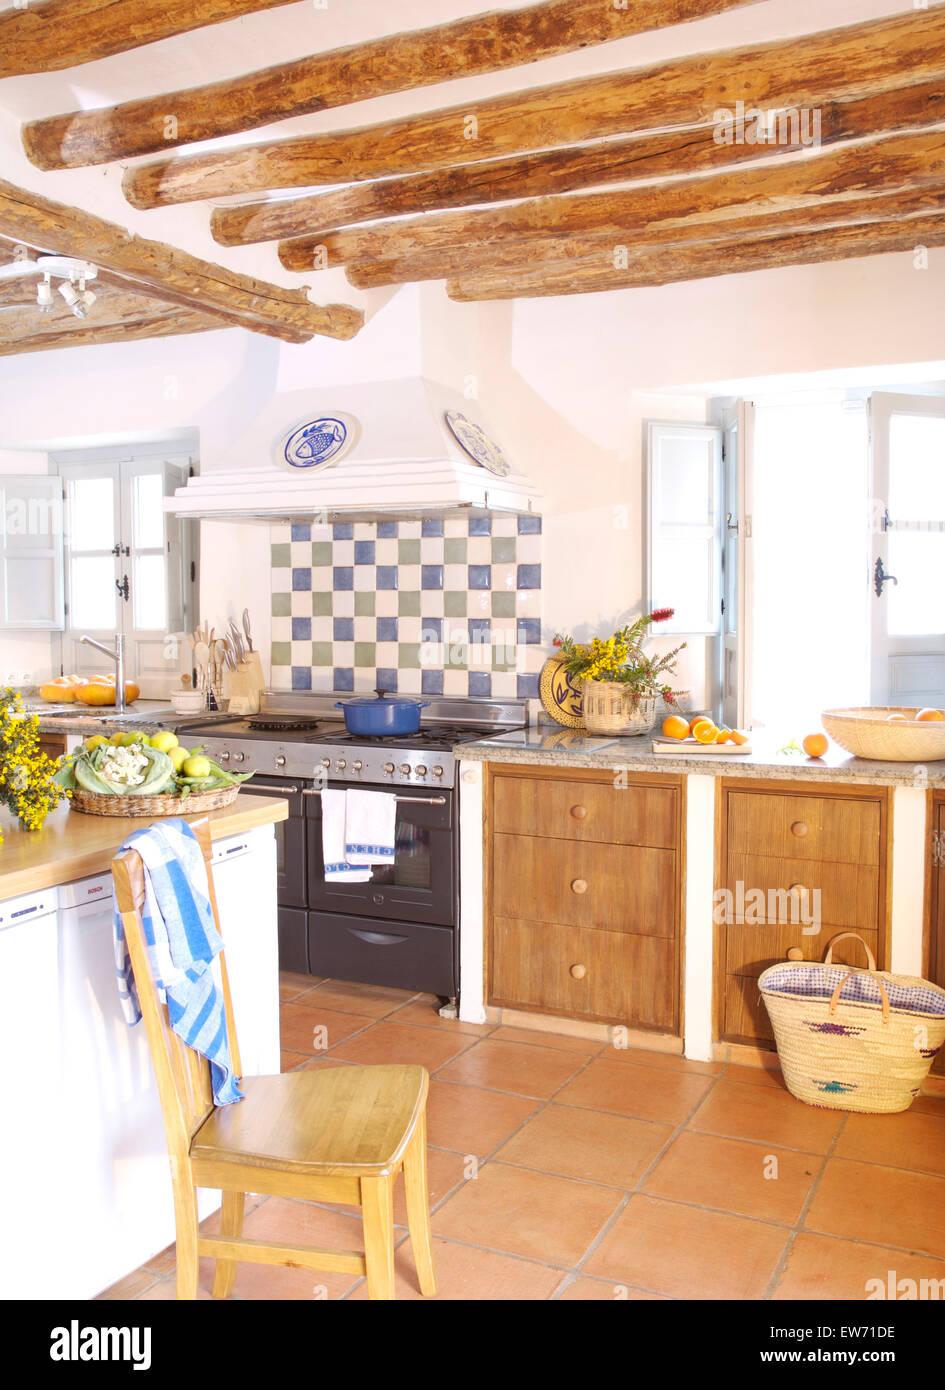 Wunderbar Blau Landküche Bilder Ideen - Ideen Für Die Küche ...